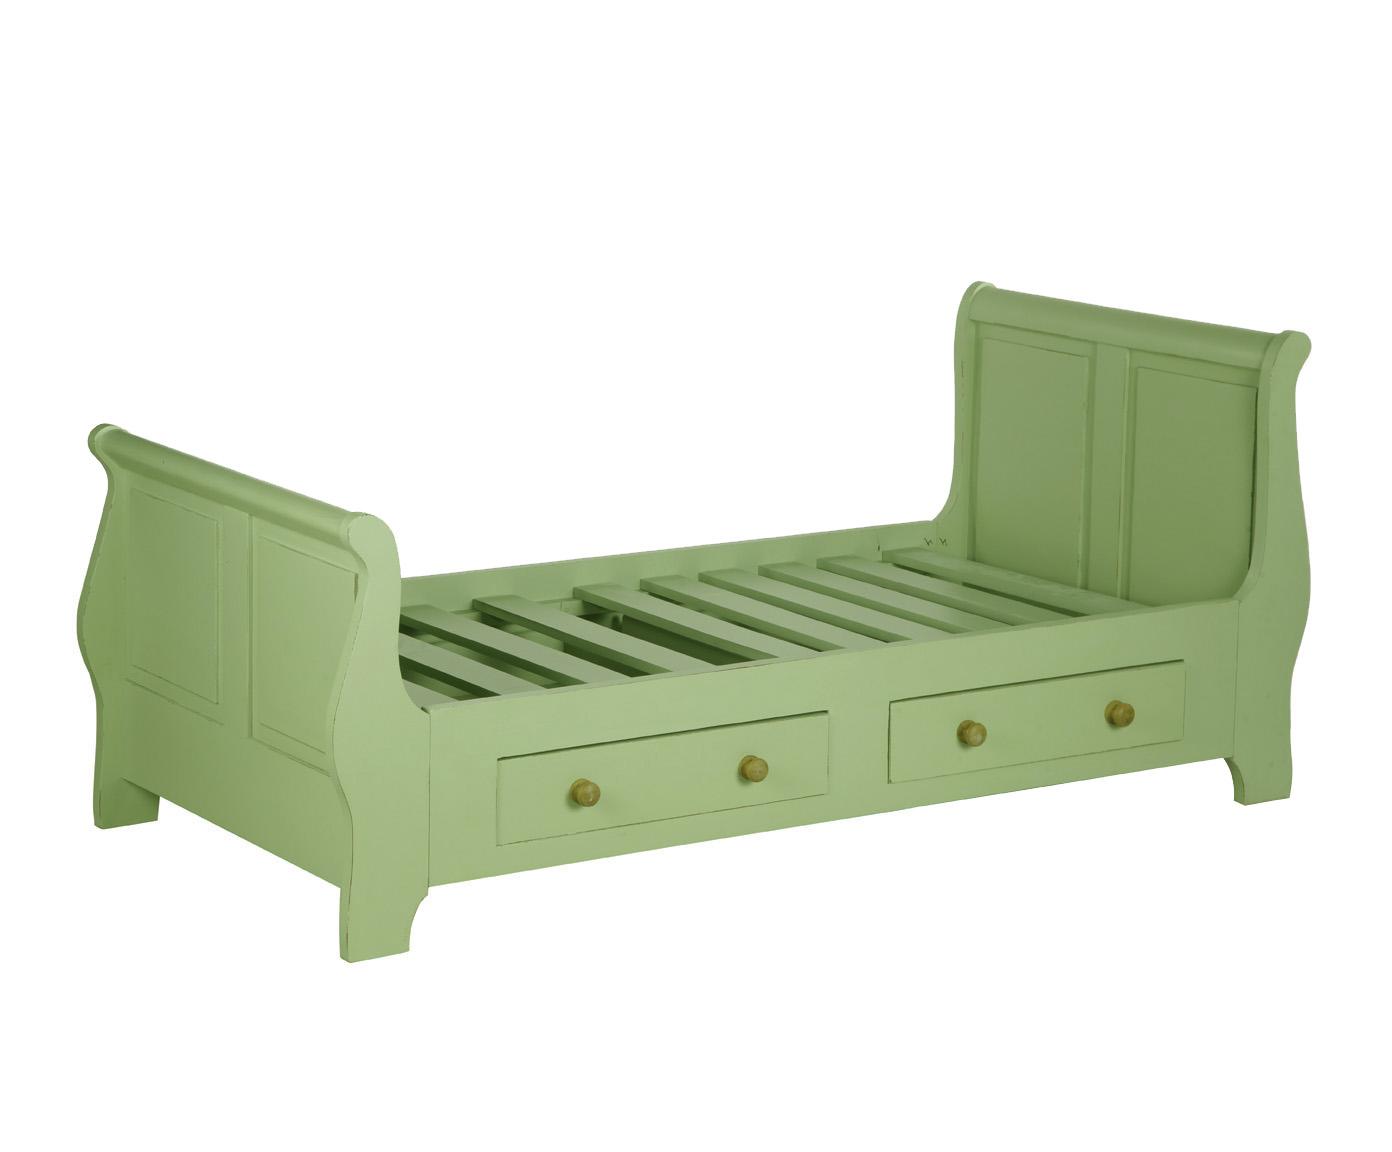 Кровать детская КантриПодростковые кровати<br>Несомненным преимуществом цветной мебели &amp;quot;Кантри&amp;quot; является ее высокое качество. Коллекция изготовлена в Румынии и выполнена полностью из массива дерева (средиземноморская сосна). Мебель &amp;quot;Кантри&amp;quot; &amp;amp;nbsp;рассчитана на длительное и активное использование.<br>Кроме того, большая часть предметов коллекции  &amp;quot;Кантри&amp;quot; покрыта двумя слоями красок разных цветов и запатинирована. Искусственная состаренность придает мебели особый теплый деревенский шарм.<br><br>Material: Сосна<br>Length см: 0<br>Width см: 210<br>Depth см: 90<br>Height см: 110<br>Diameter см: 0